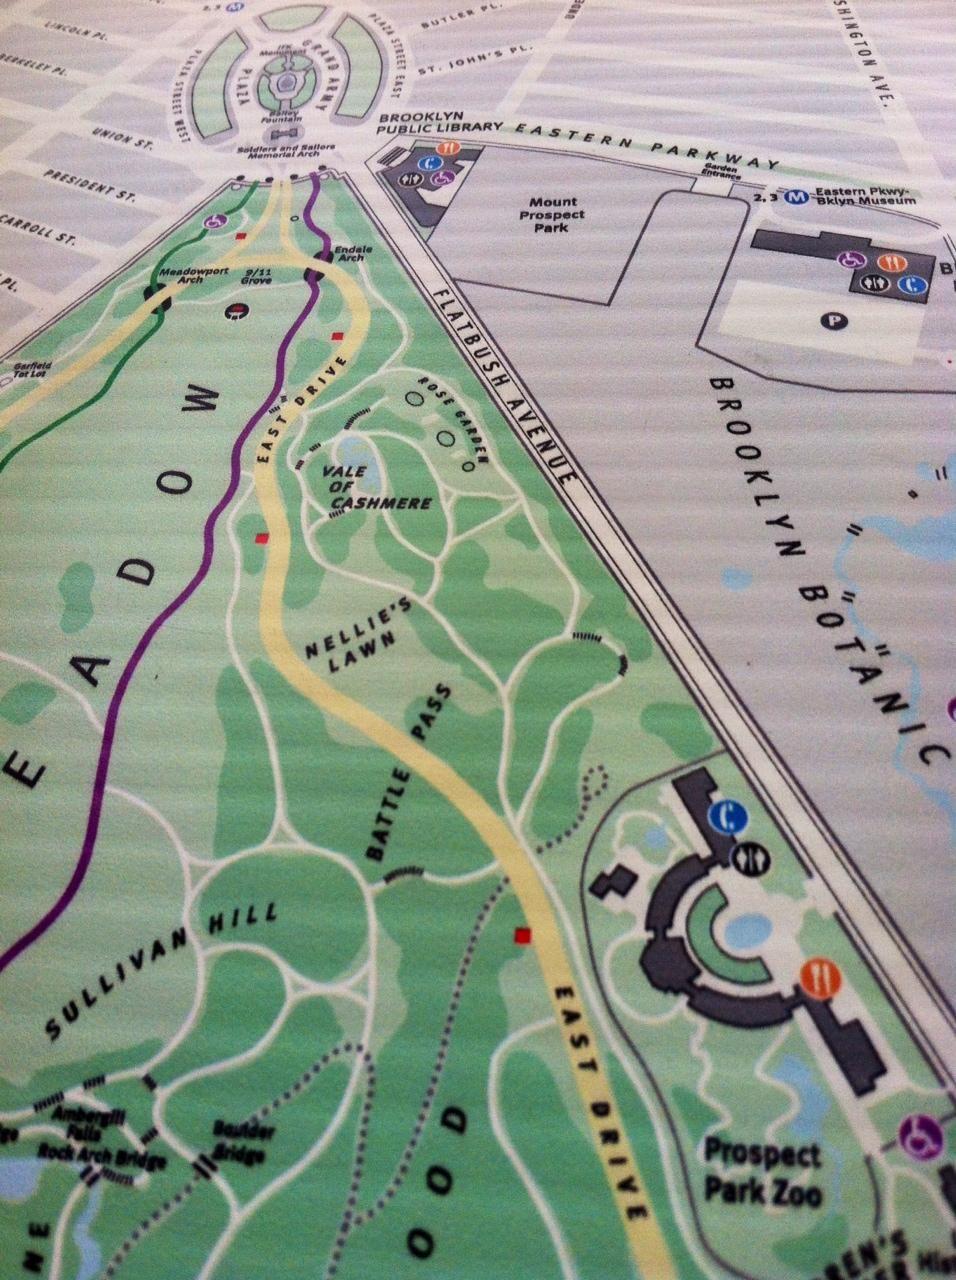 Sense Map of Secret places in Prospect Park  - image 2 - student project